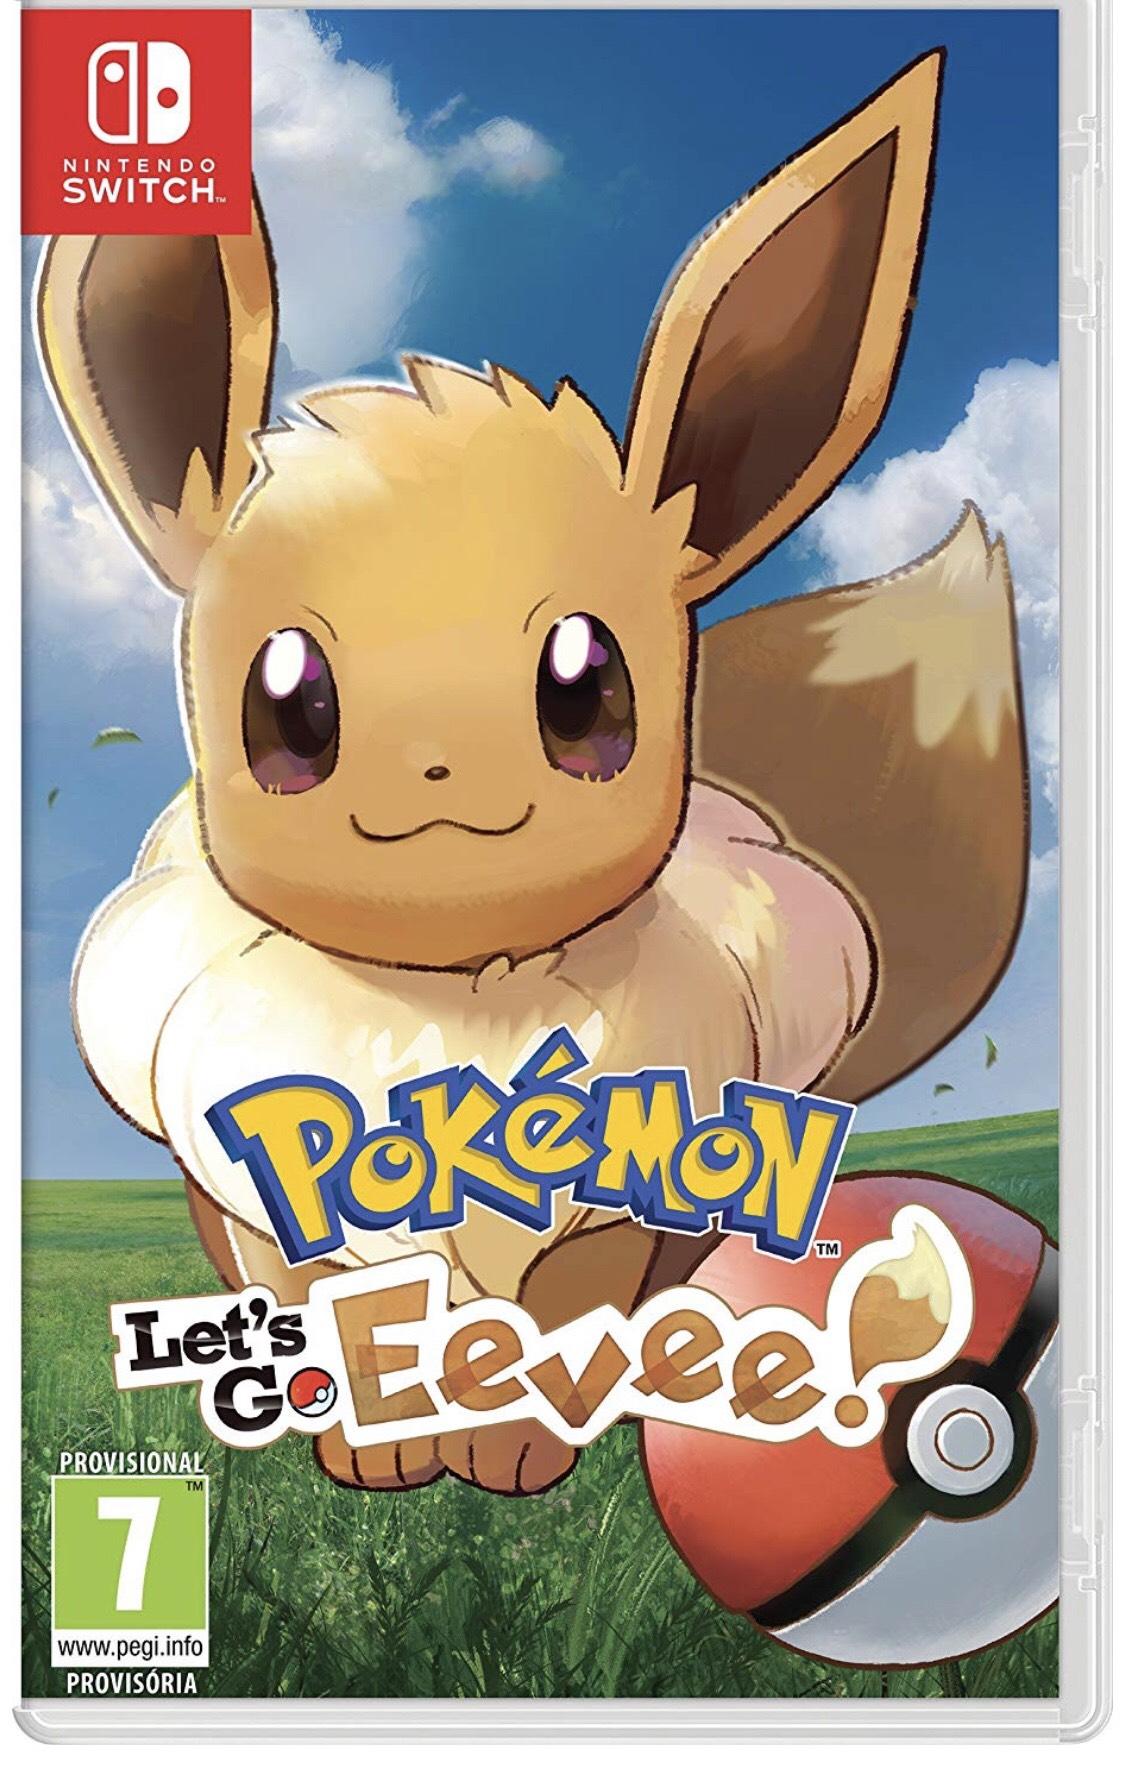 Nintendo Switch - Pokémon: Let's Go, Eevee!